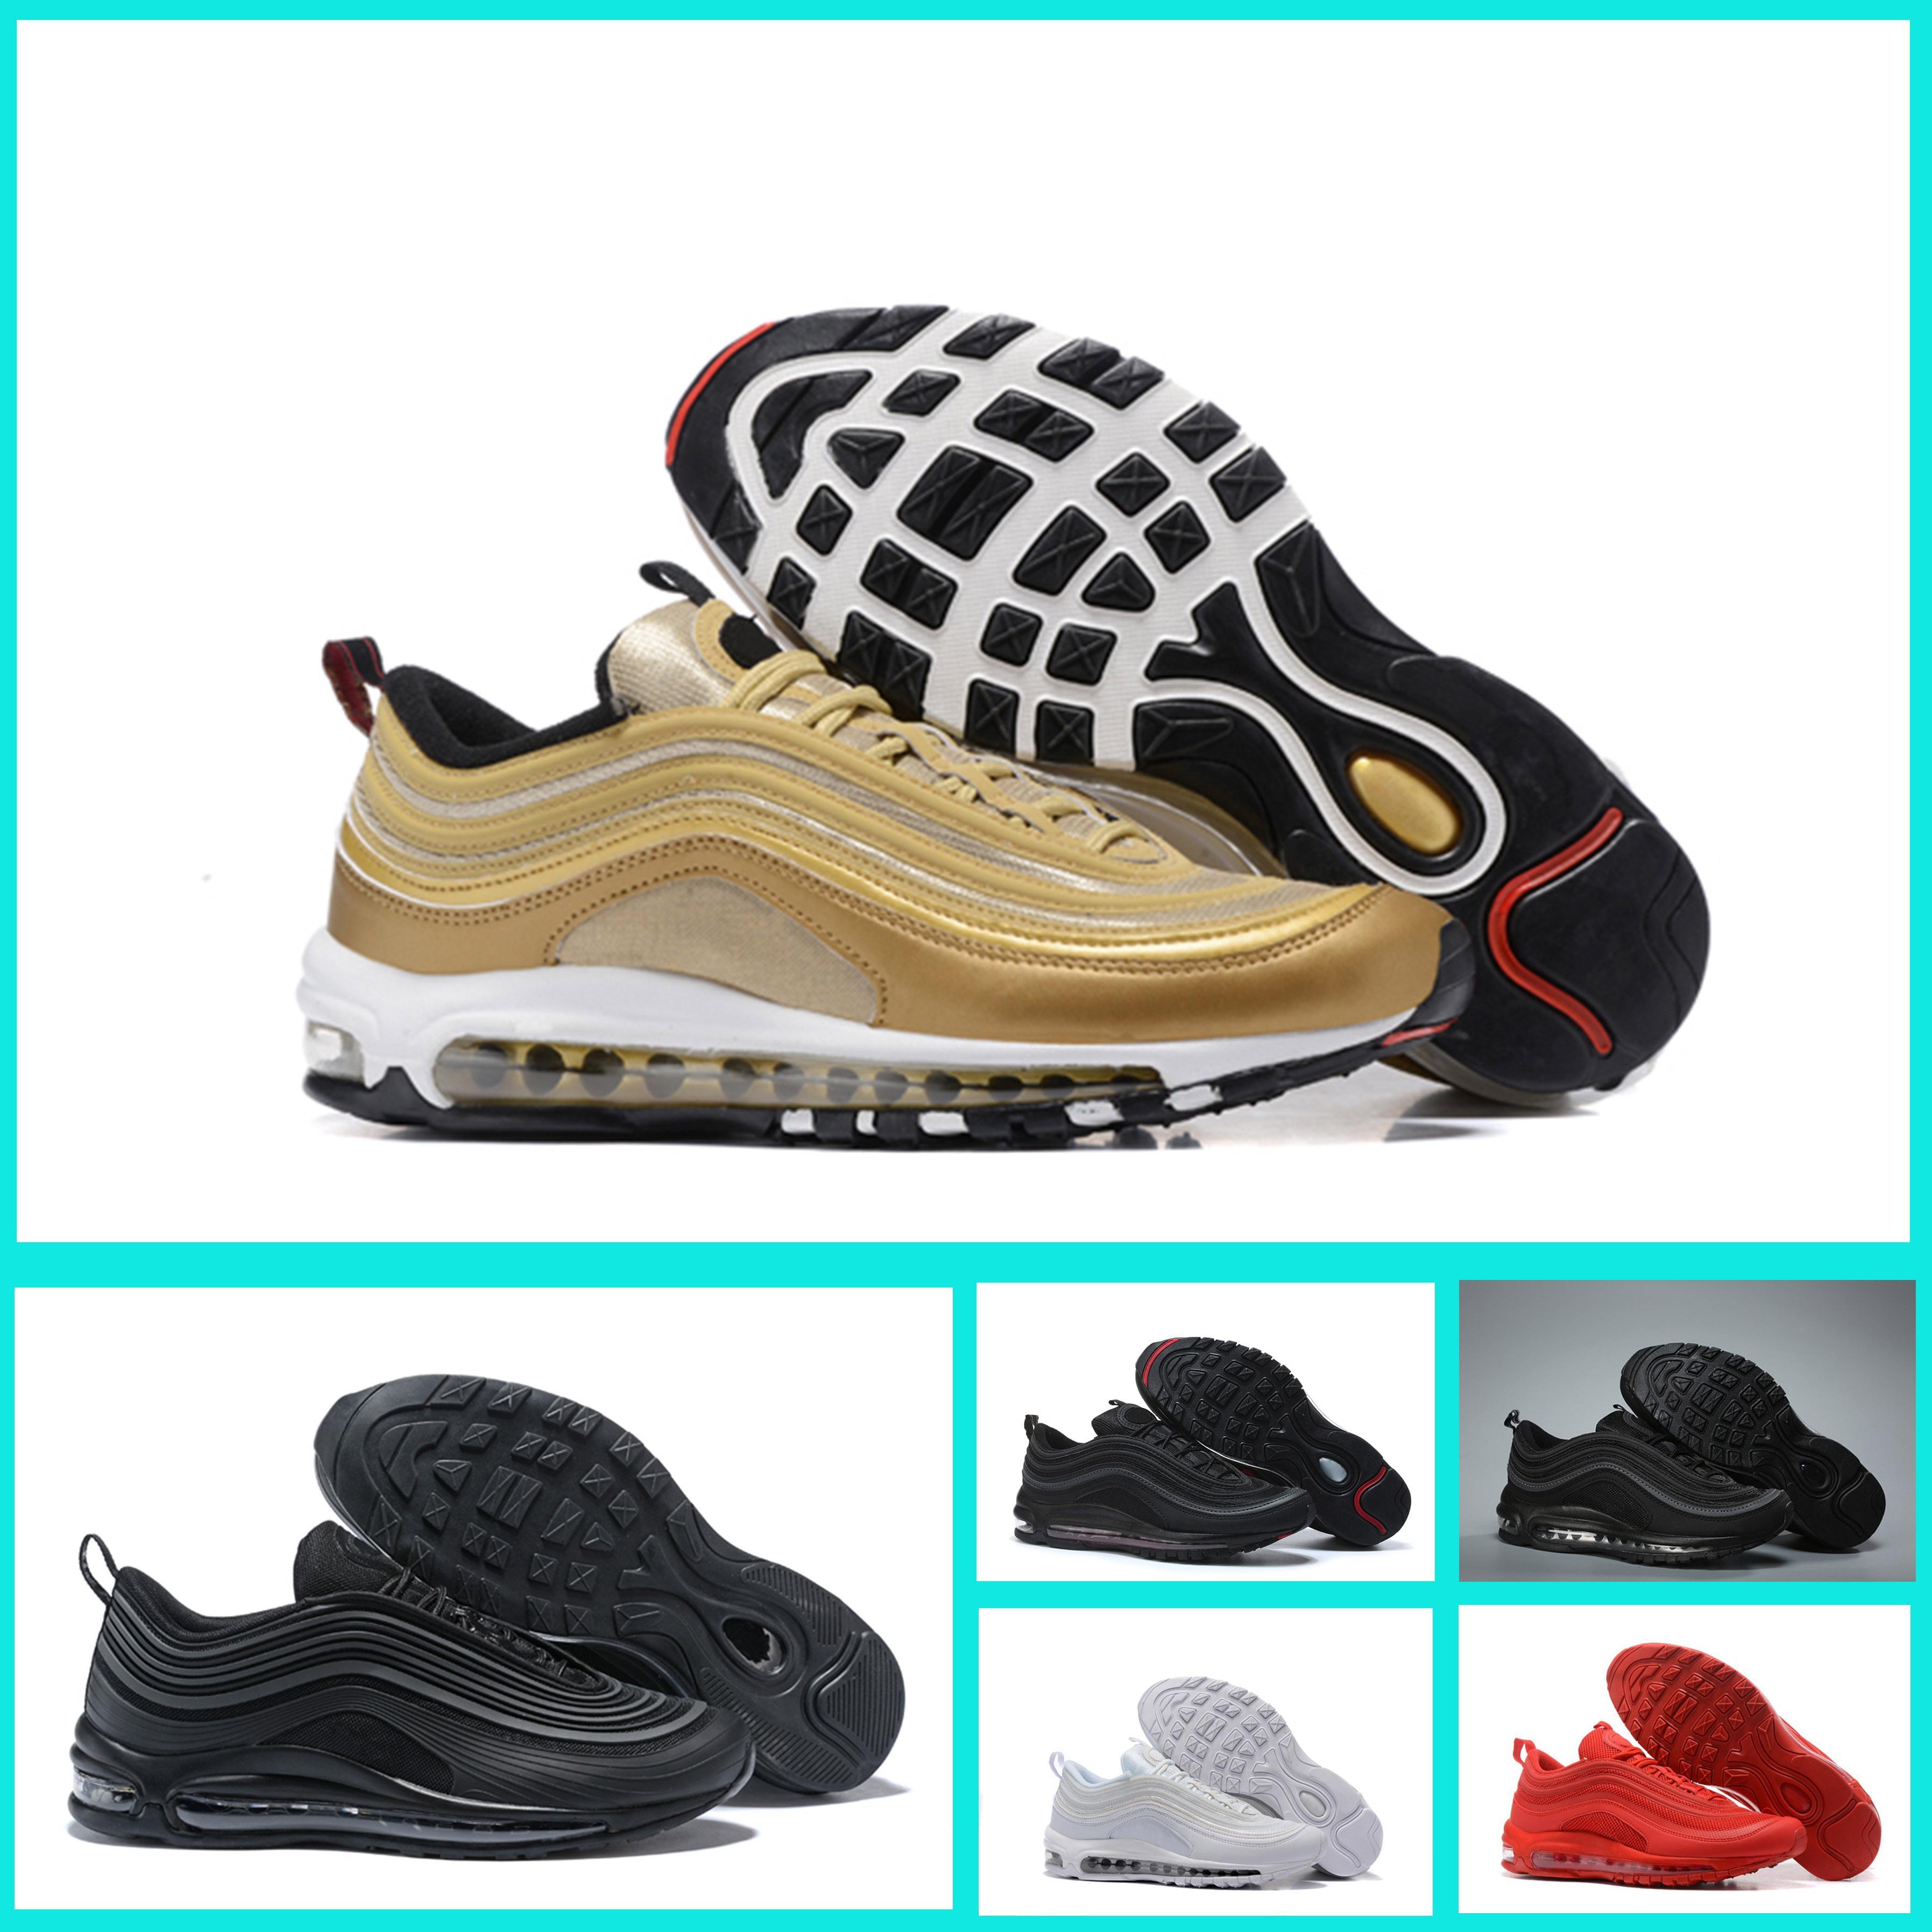 Bullet Chaussures Og Or Max Nike Occasionnels Métallisé Trainers Designer Air Remise Tripel Shoes Argent Sneakers 97 Hommes Meilleurs Blanc EHID29